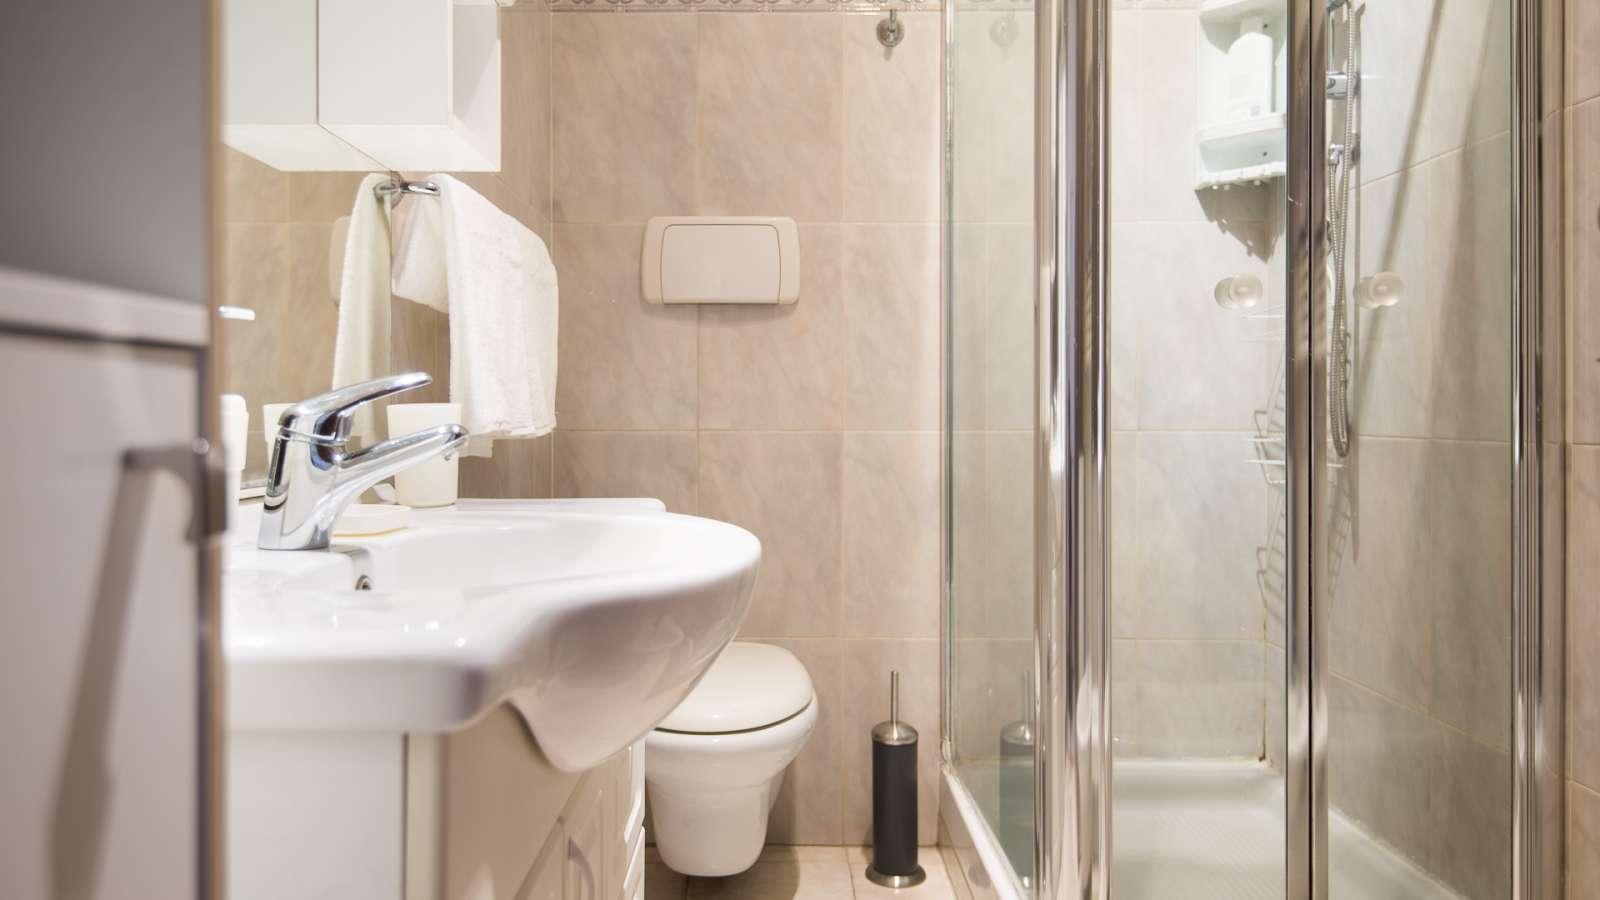 Appartamento 3 Camere Da Letto Milano : Camera singola in appartamento con camere da letto